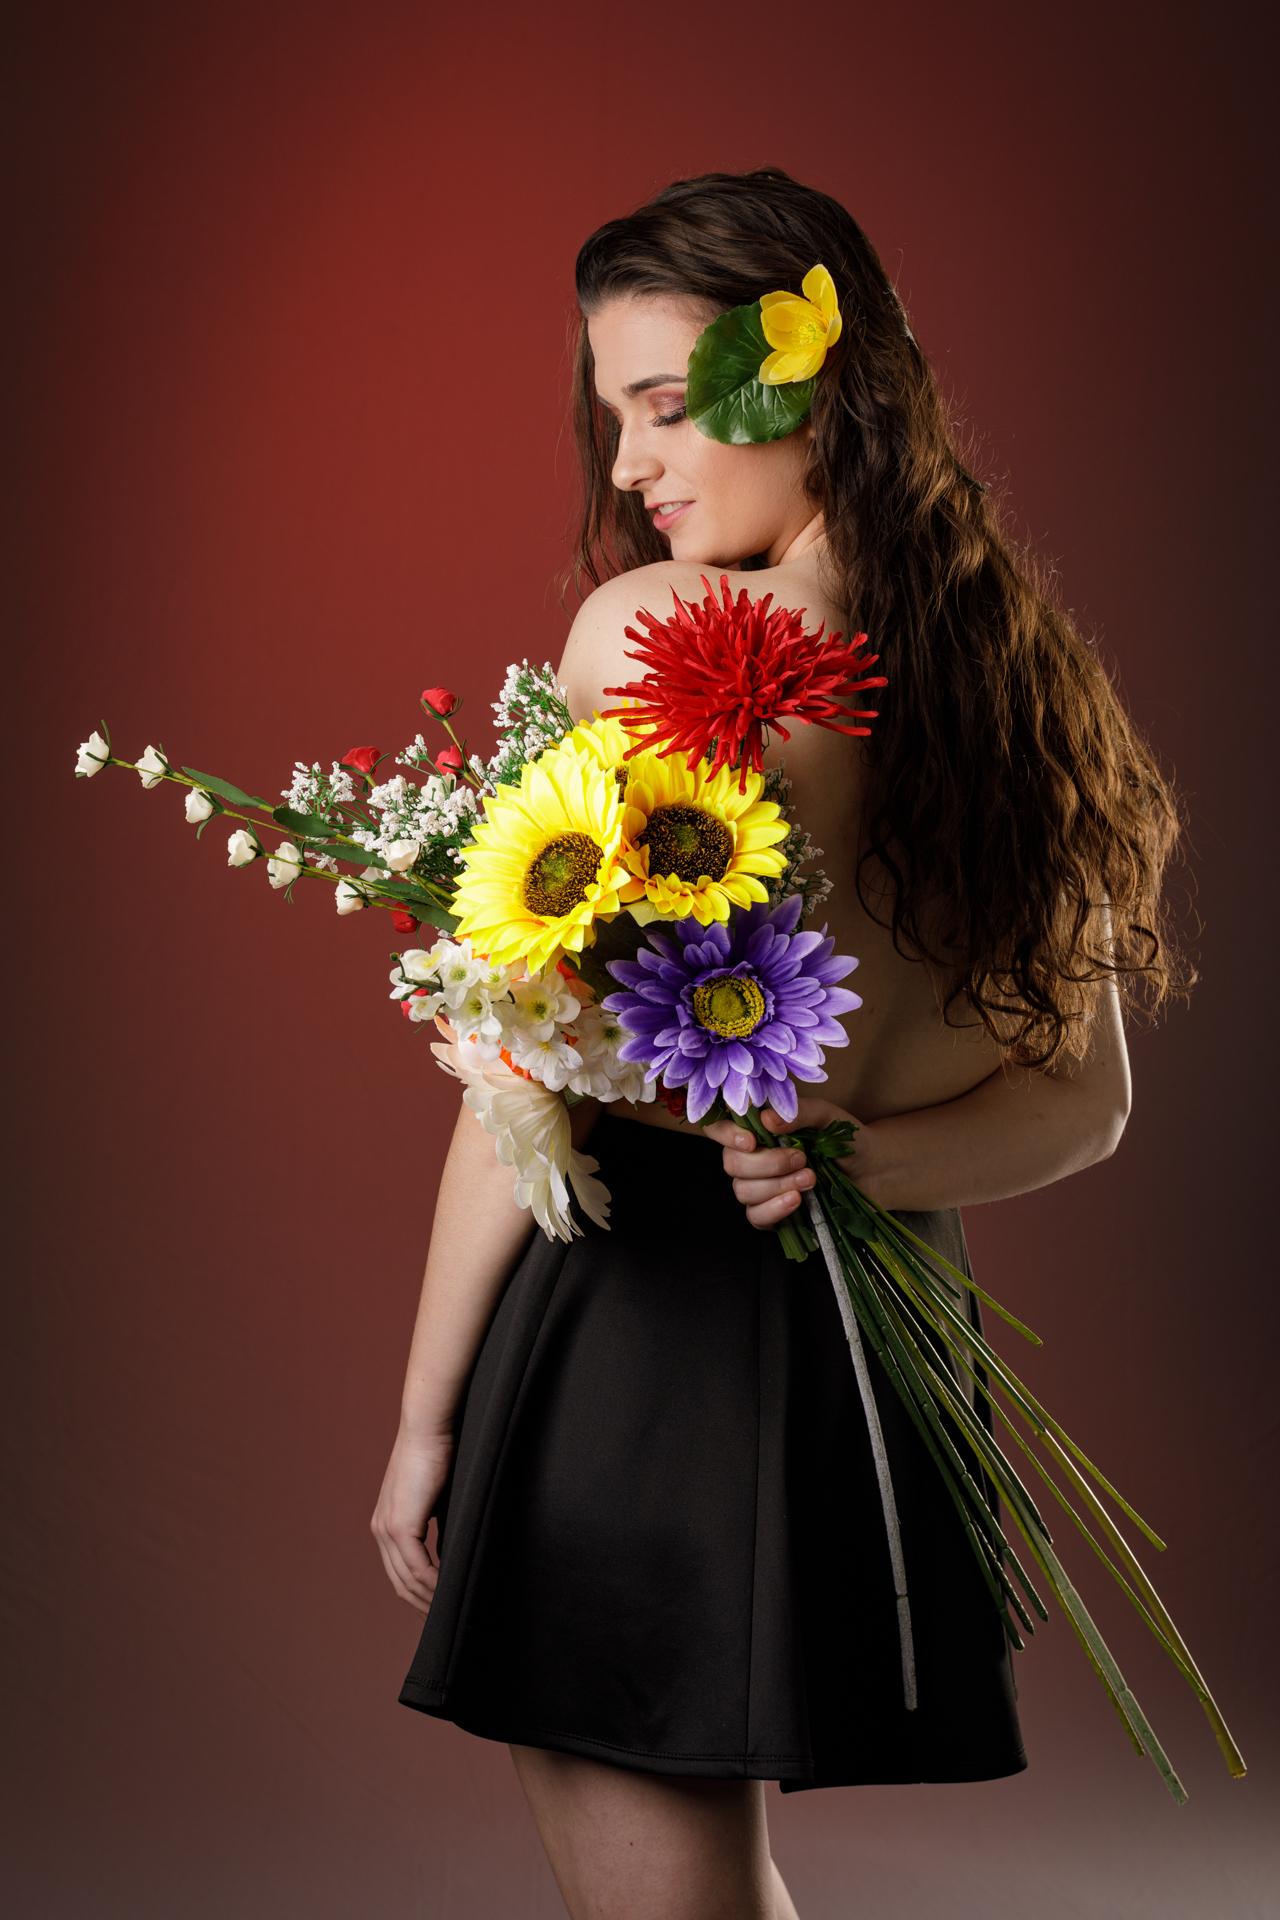 CFrenette-marilyne_fleurs-17